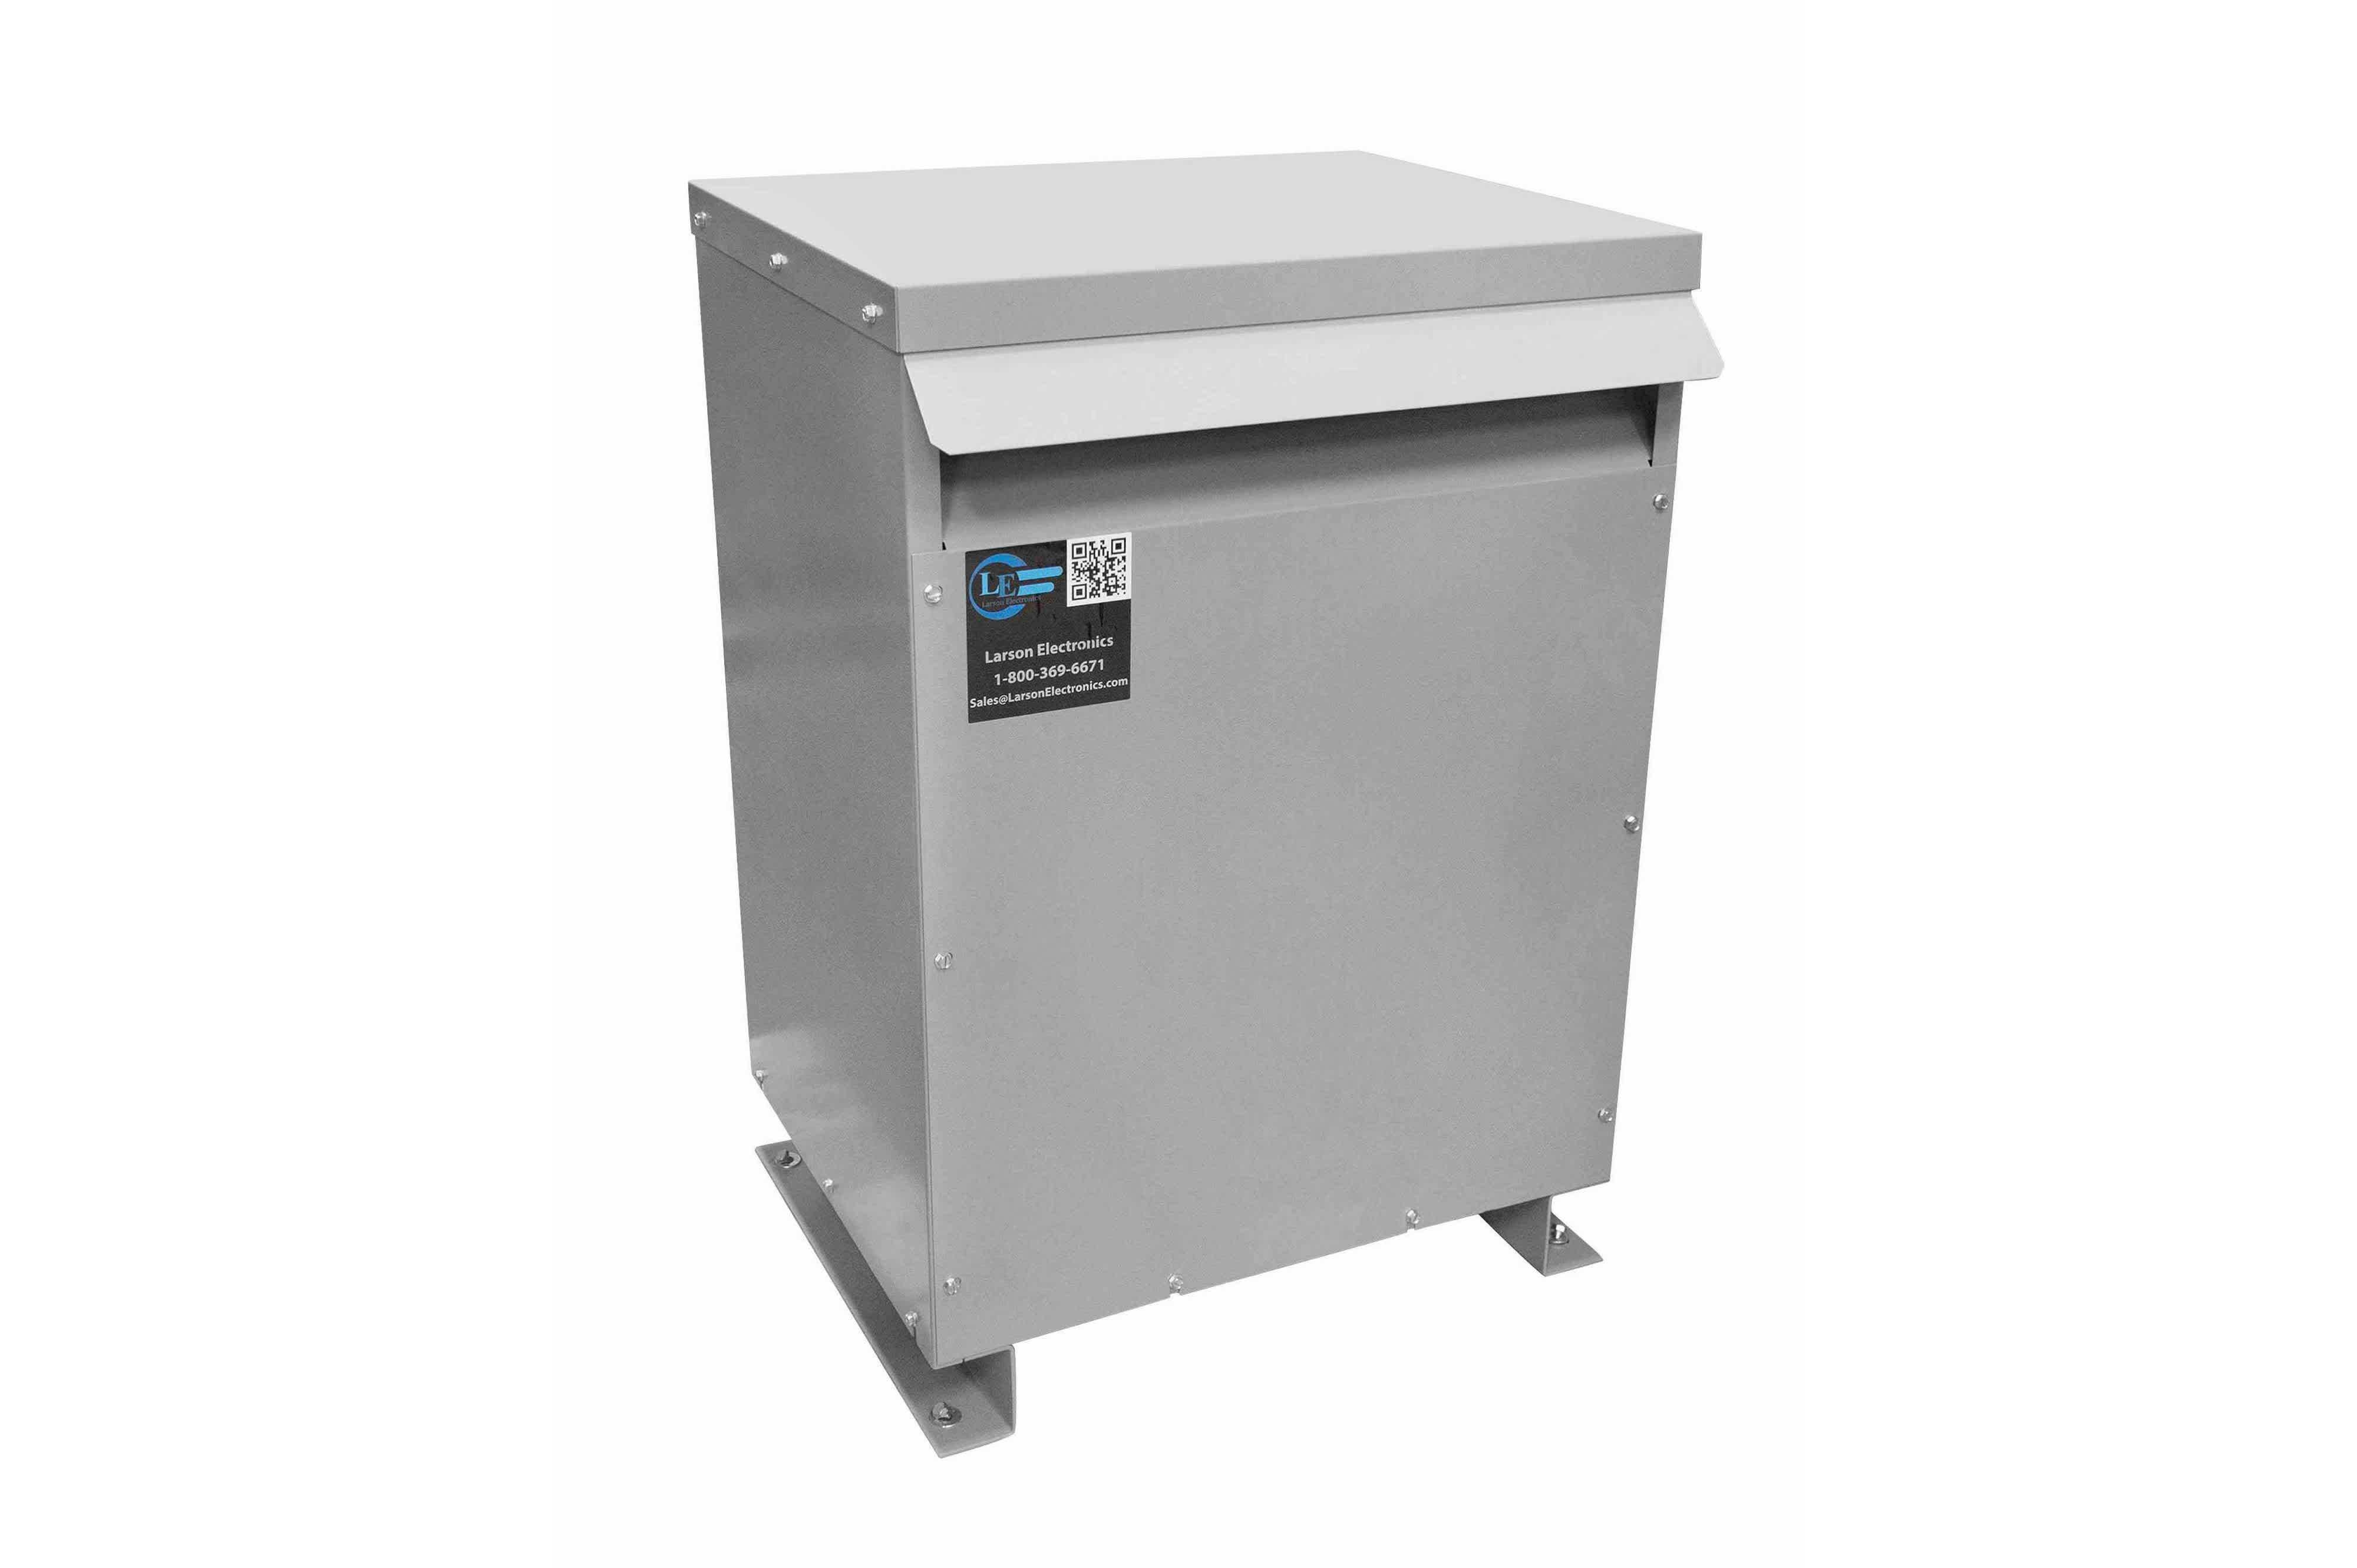 900 kVA 3PH Isolation Transformer, 380V Delta Primary, 240 Delta Secondary, N3R, Ventilated, 60 Hz